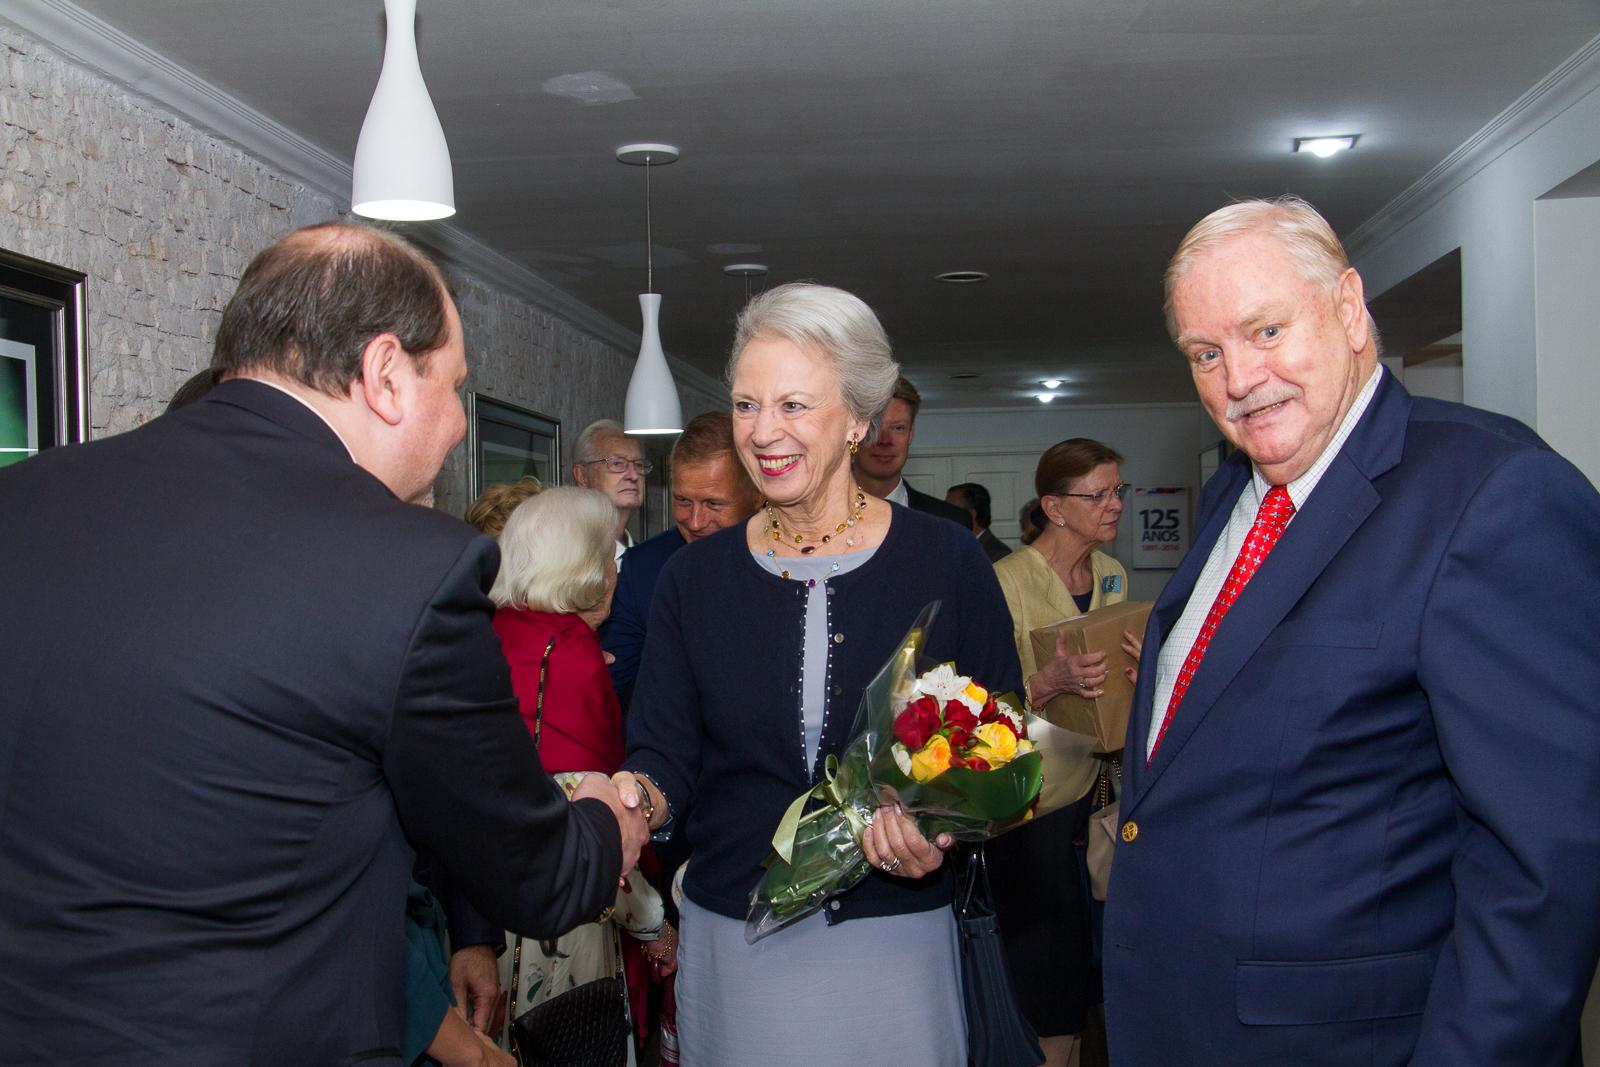 recepção no almoço na visita da Princesa Benedikte da Dinamarca no Brasil